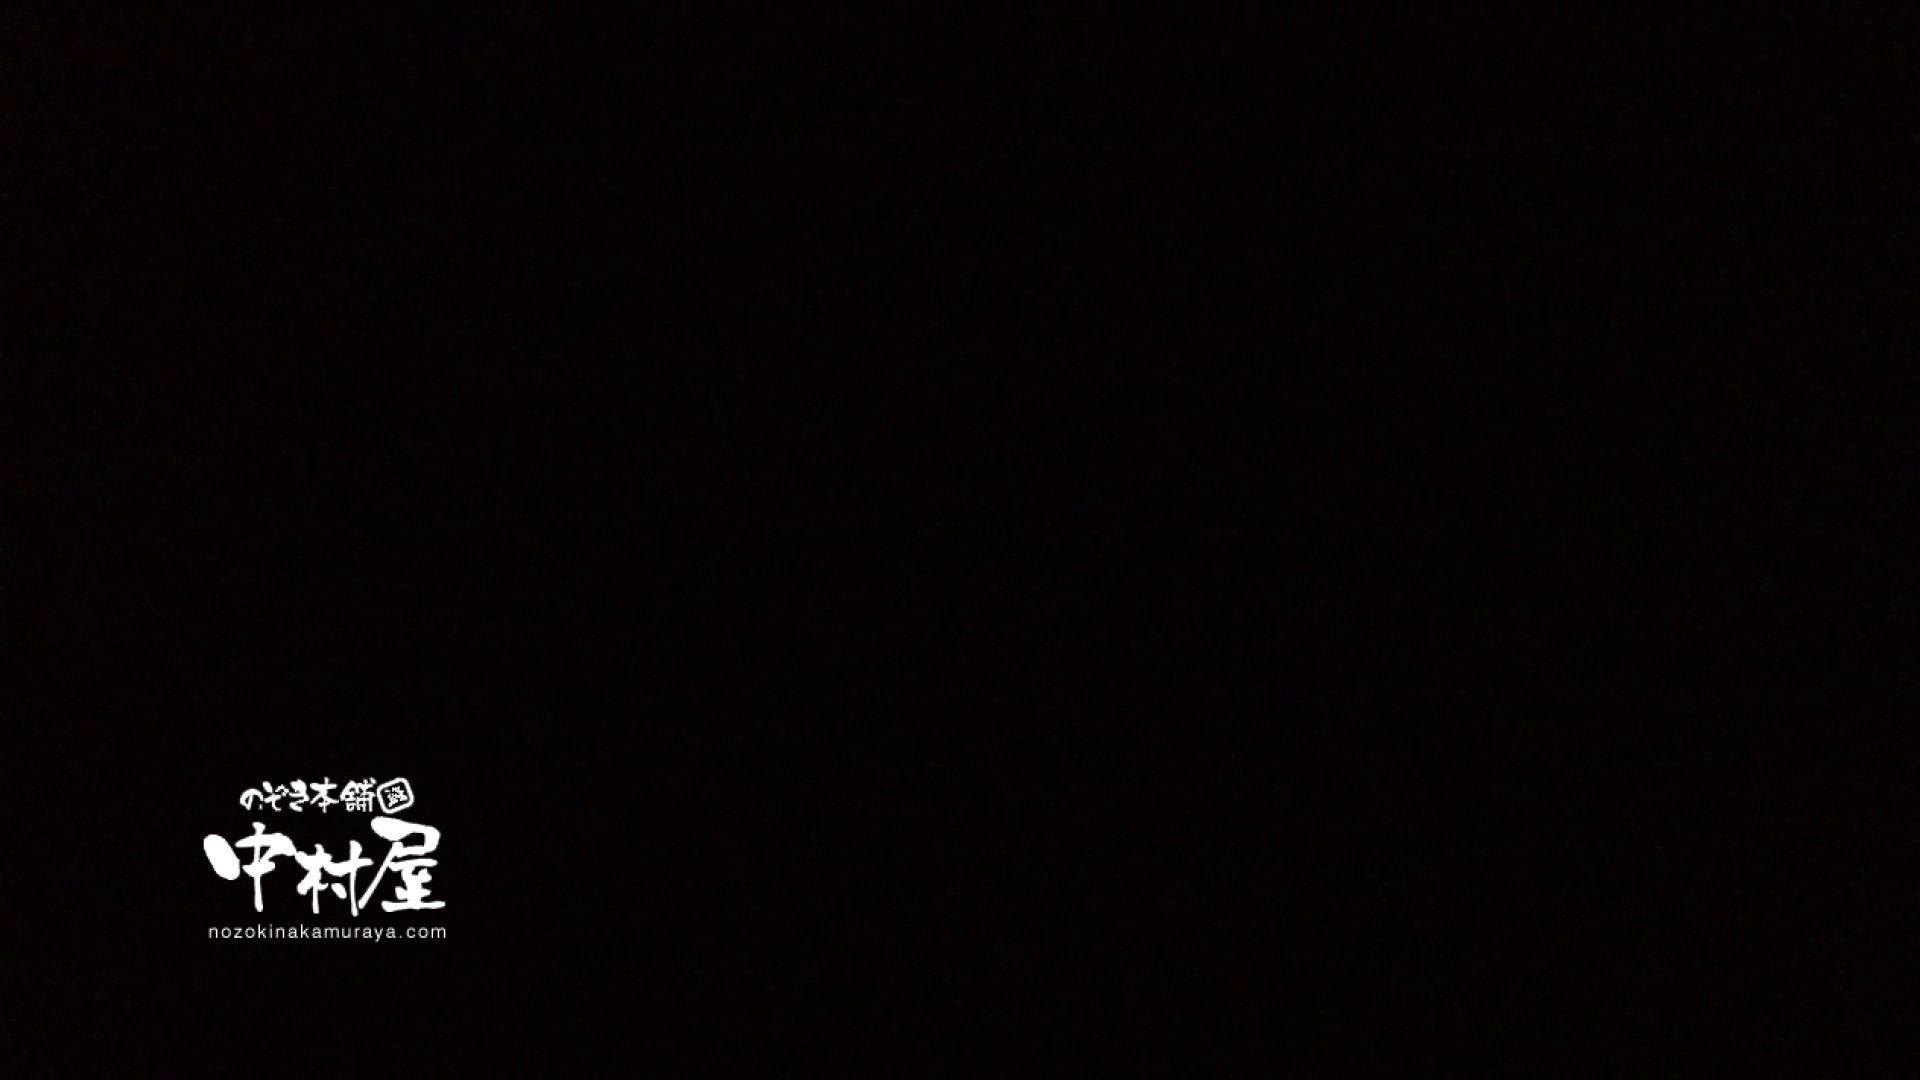 鬼畜 vol.10 あぁ無情…中出しパイパン! 前編 中出し AV無料動画キャプチャ 102枚 78